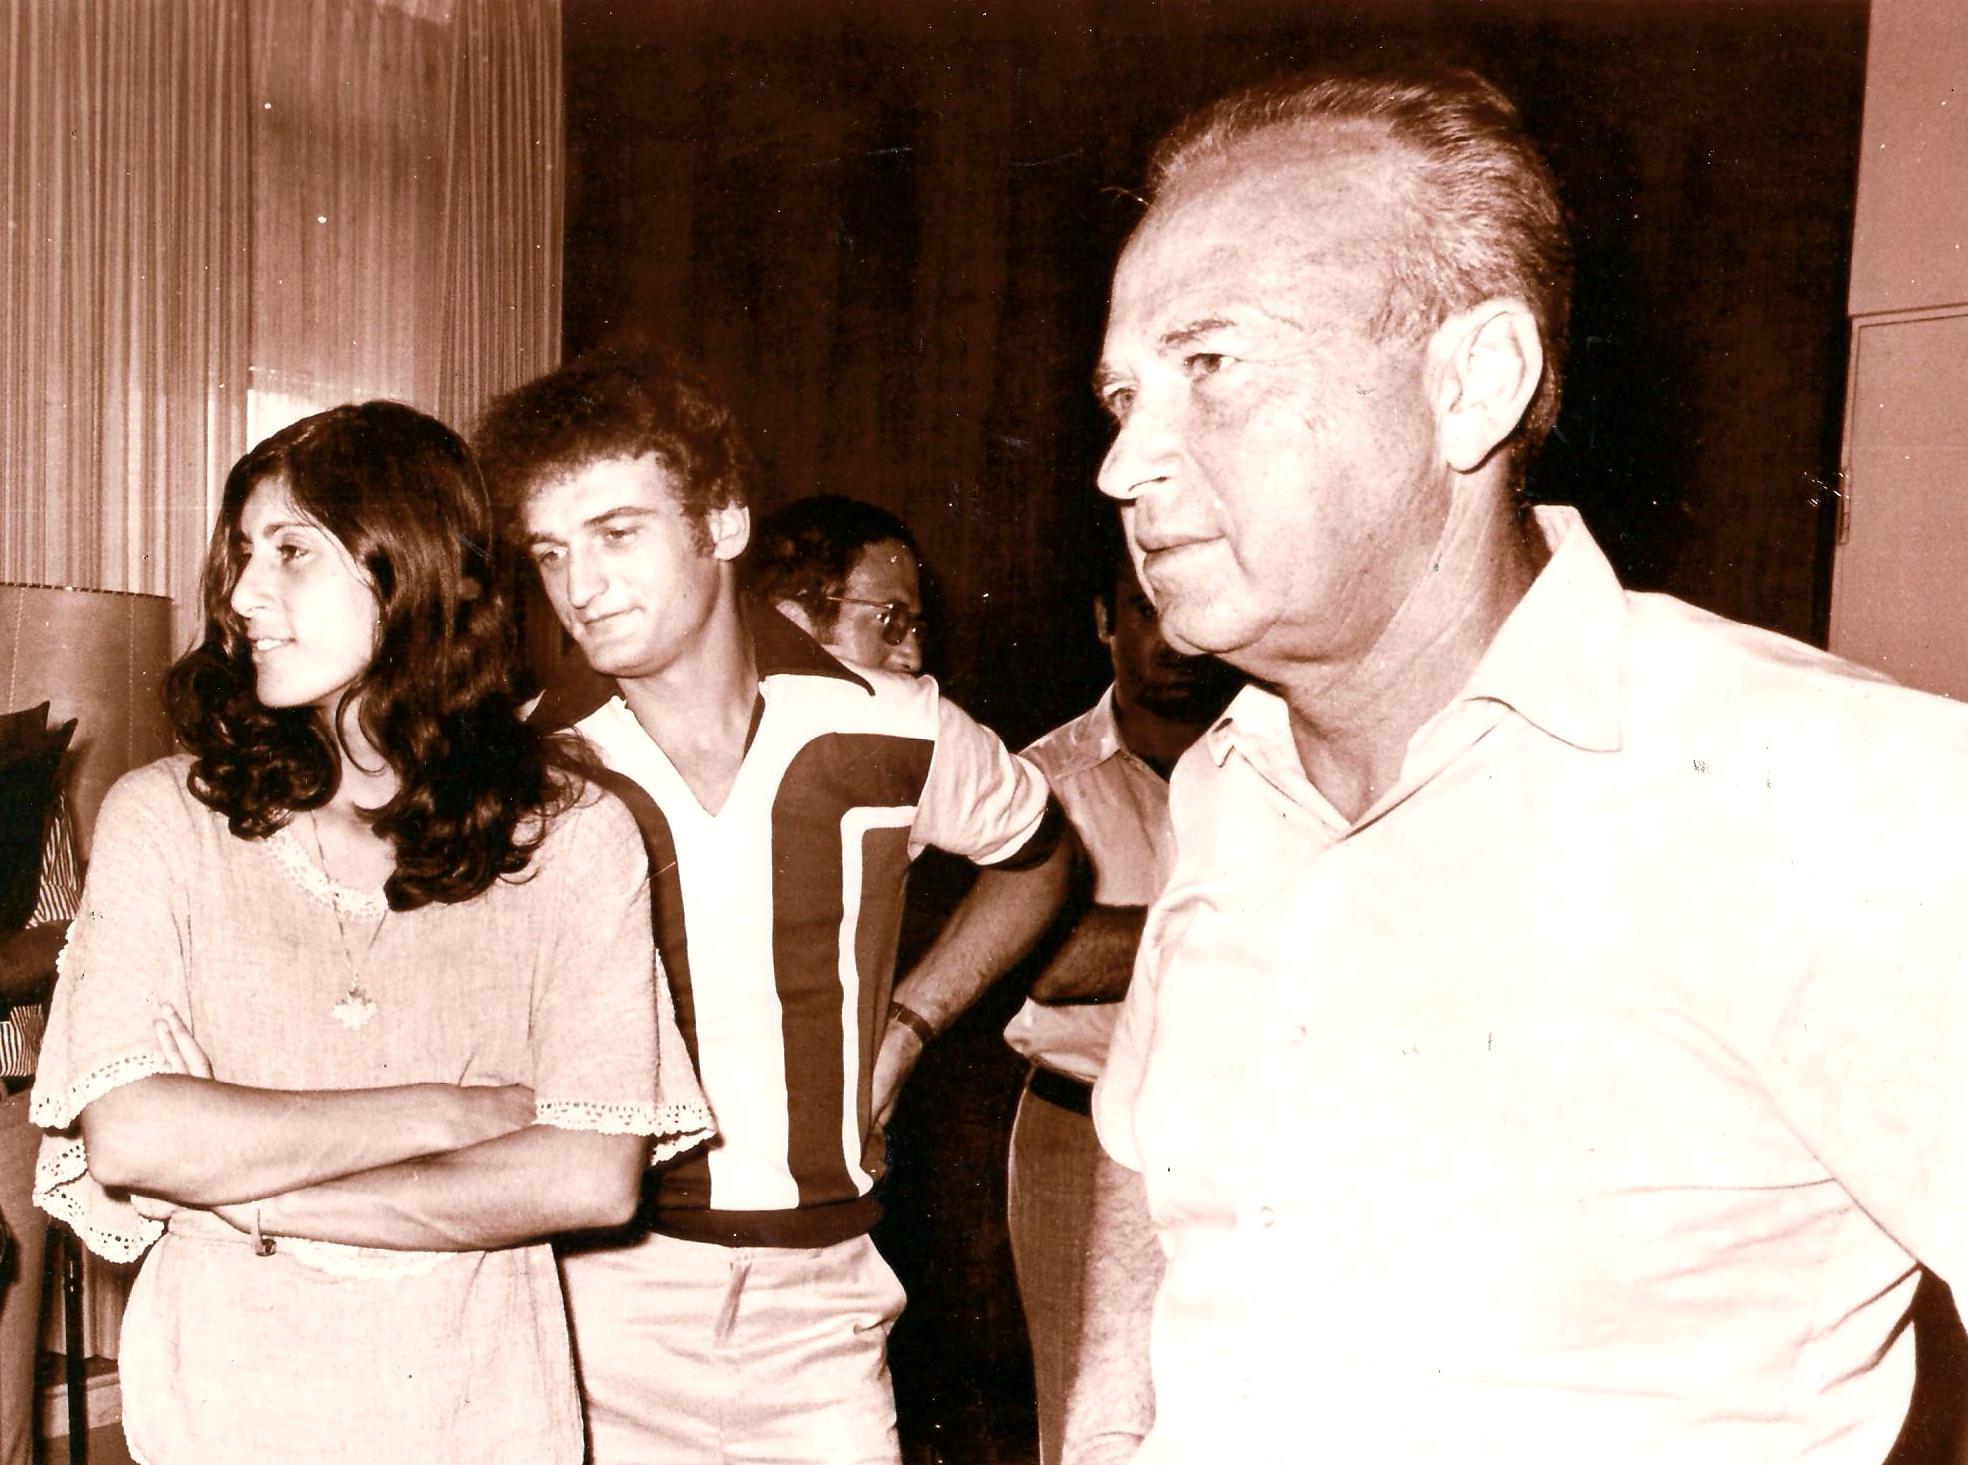 yzhak rabin